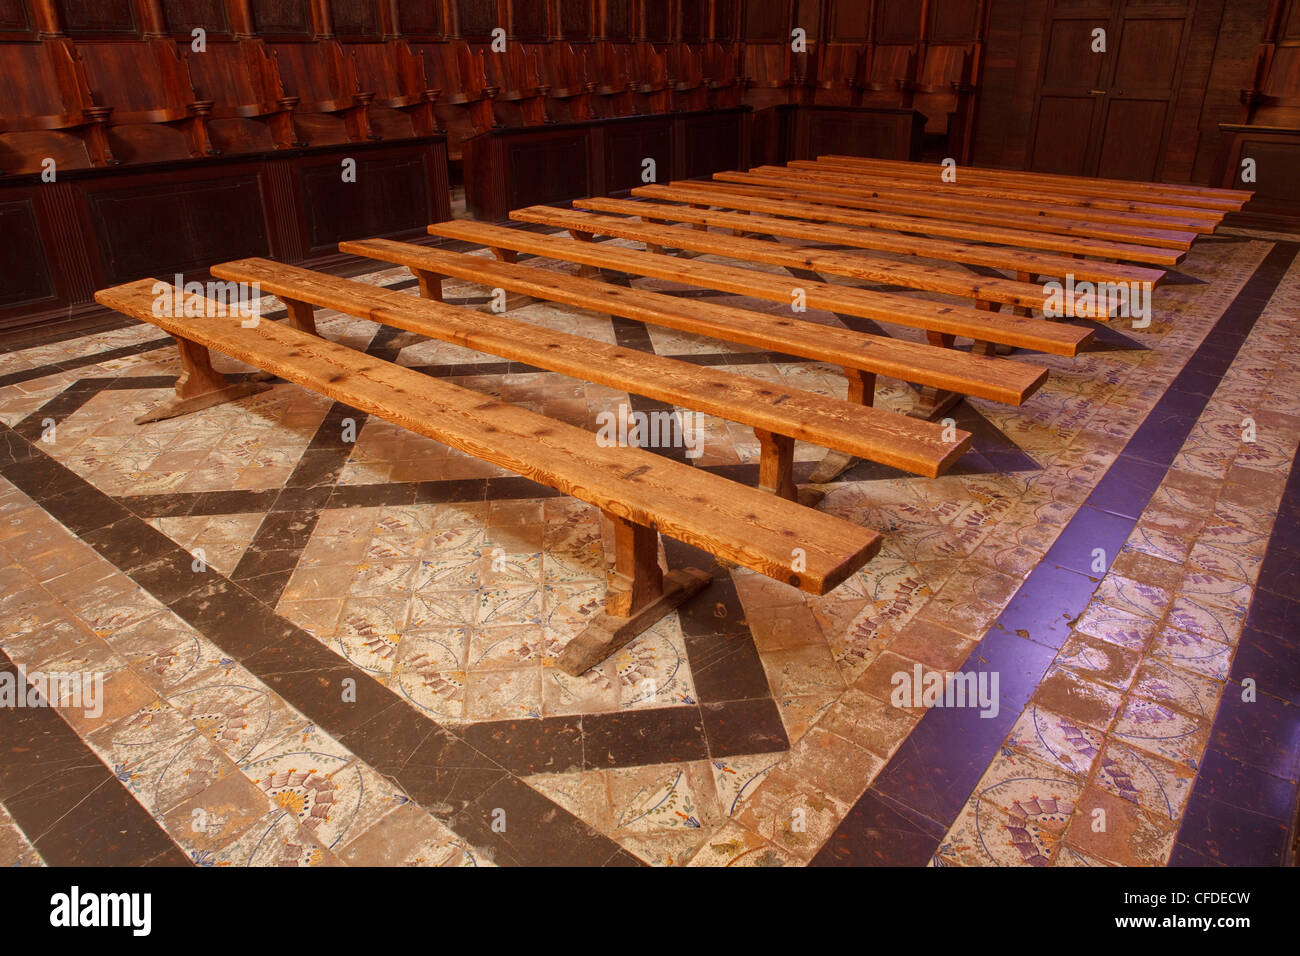 Wooden benches in the church of monastery Sa Cartoixa, La Cartuja, Valldemossa, Tramuntana mountains, Mallorca, - Stock Image